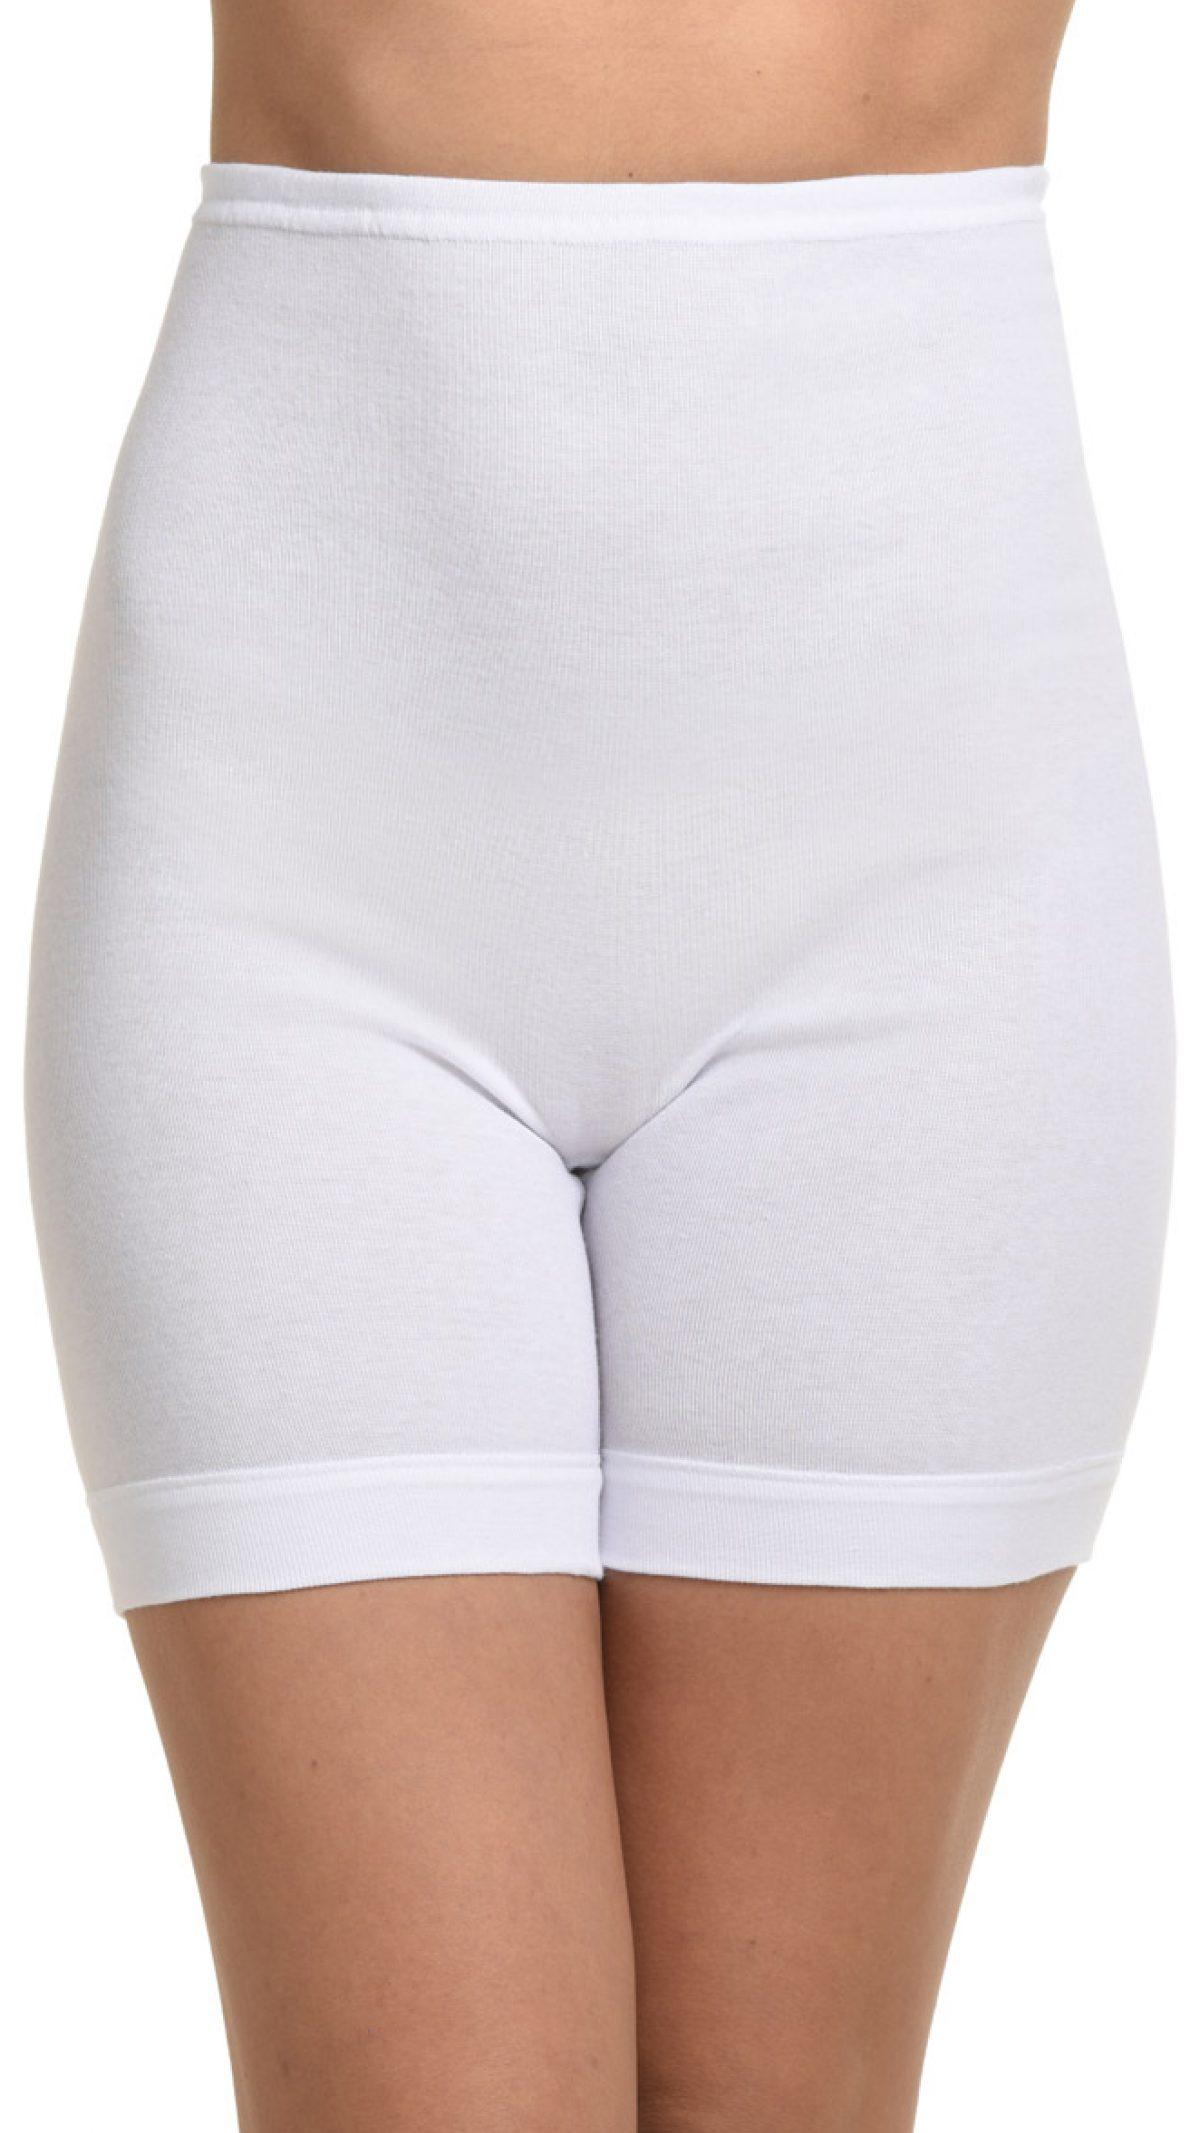 f40f3f5e4e1 Εσώρουχα μέγεθος 5 | e-lingerie.gr